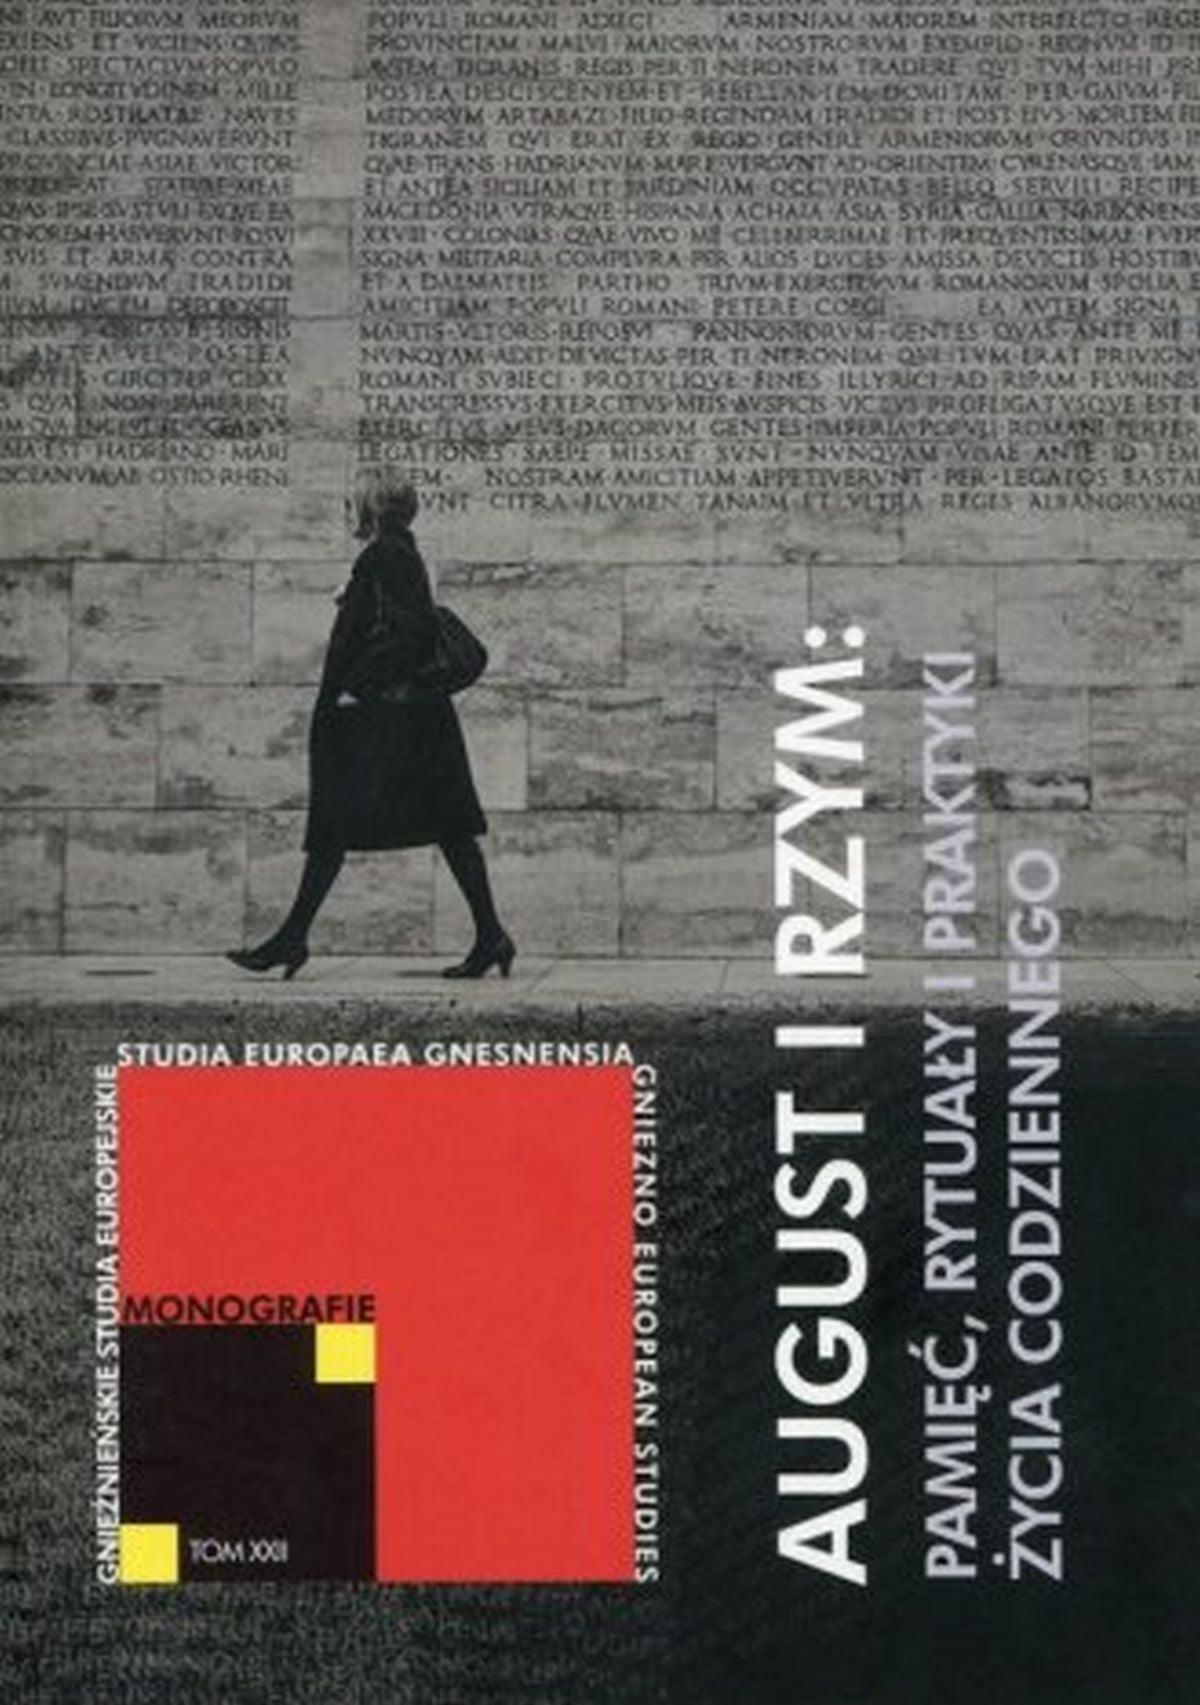 August i Rzym: Pamięć, rytuały i praktyki życia codziennego. Gnieźnieńskie Studia Europejskie. Monografie. Tom XXI